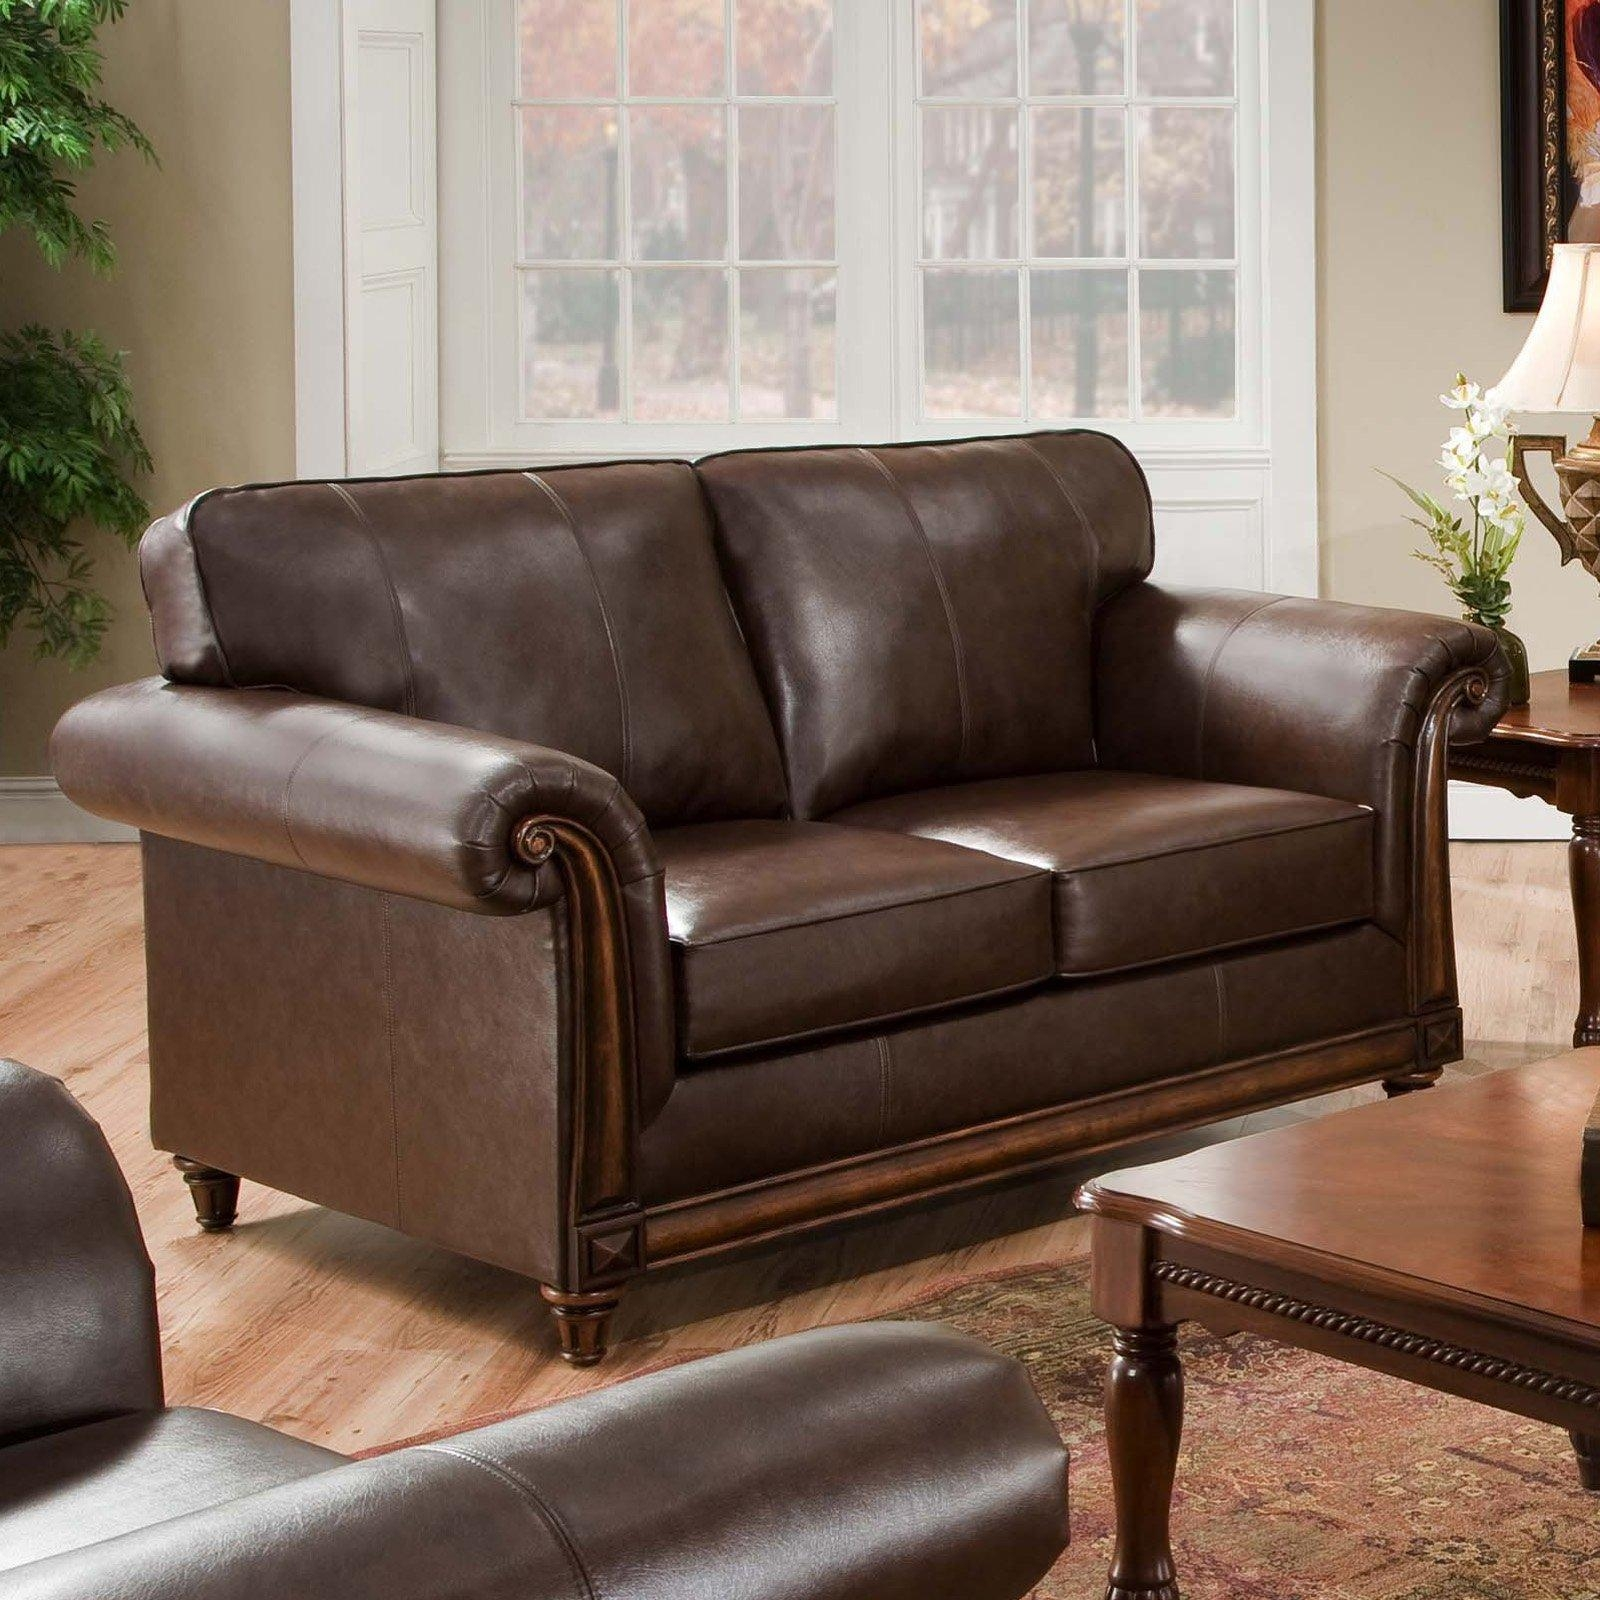 Leather sofas san diego sofas san diego smileydot us for Furniture 92101